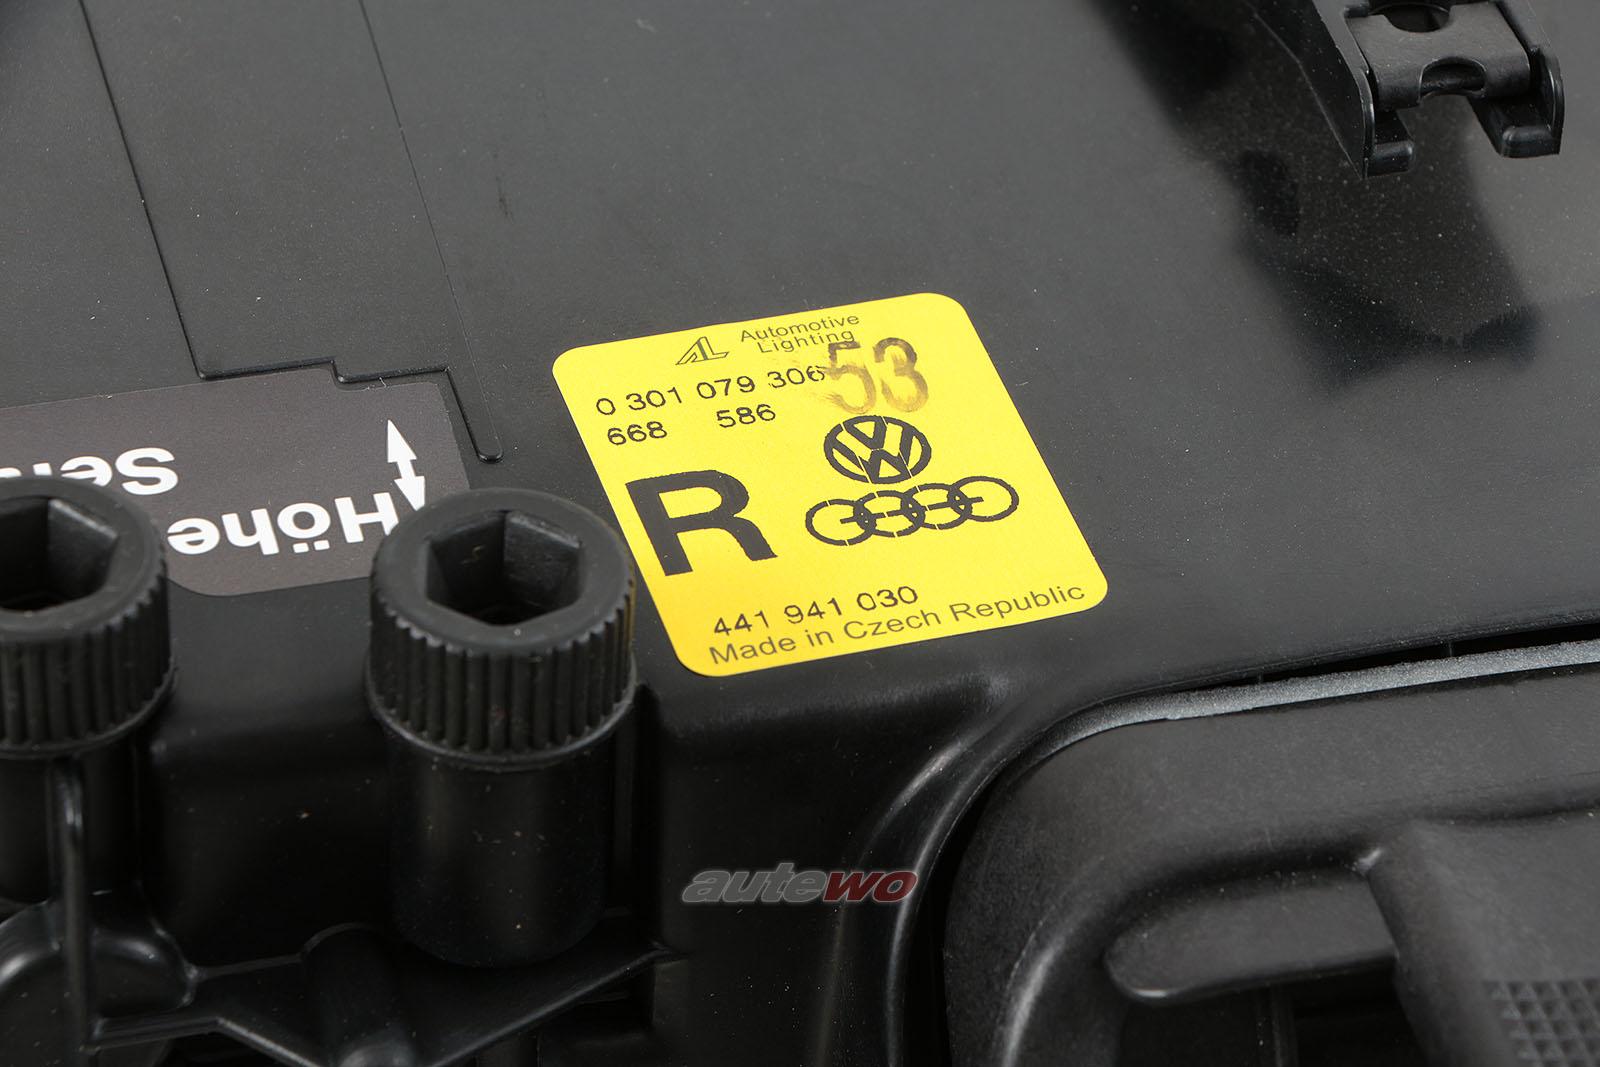 441941030 NEU Audi V8 D11 Scheinwerfer Rechts